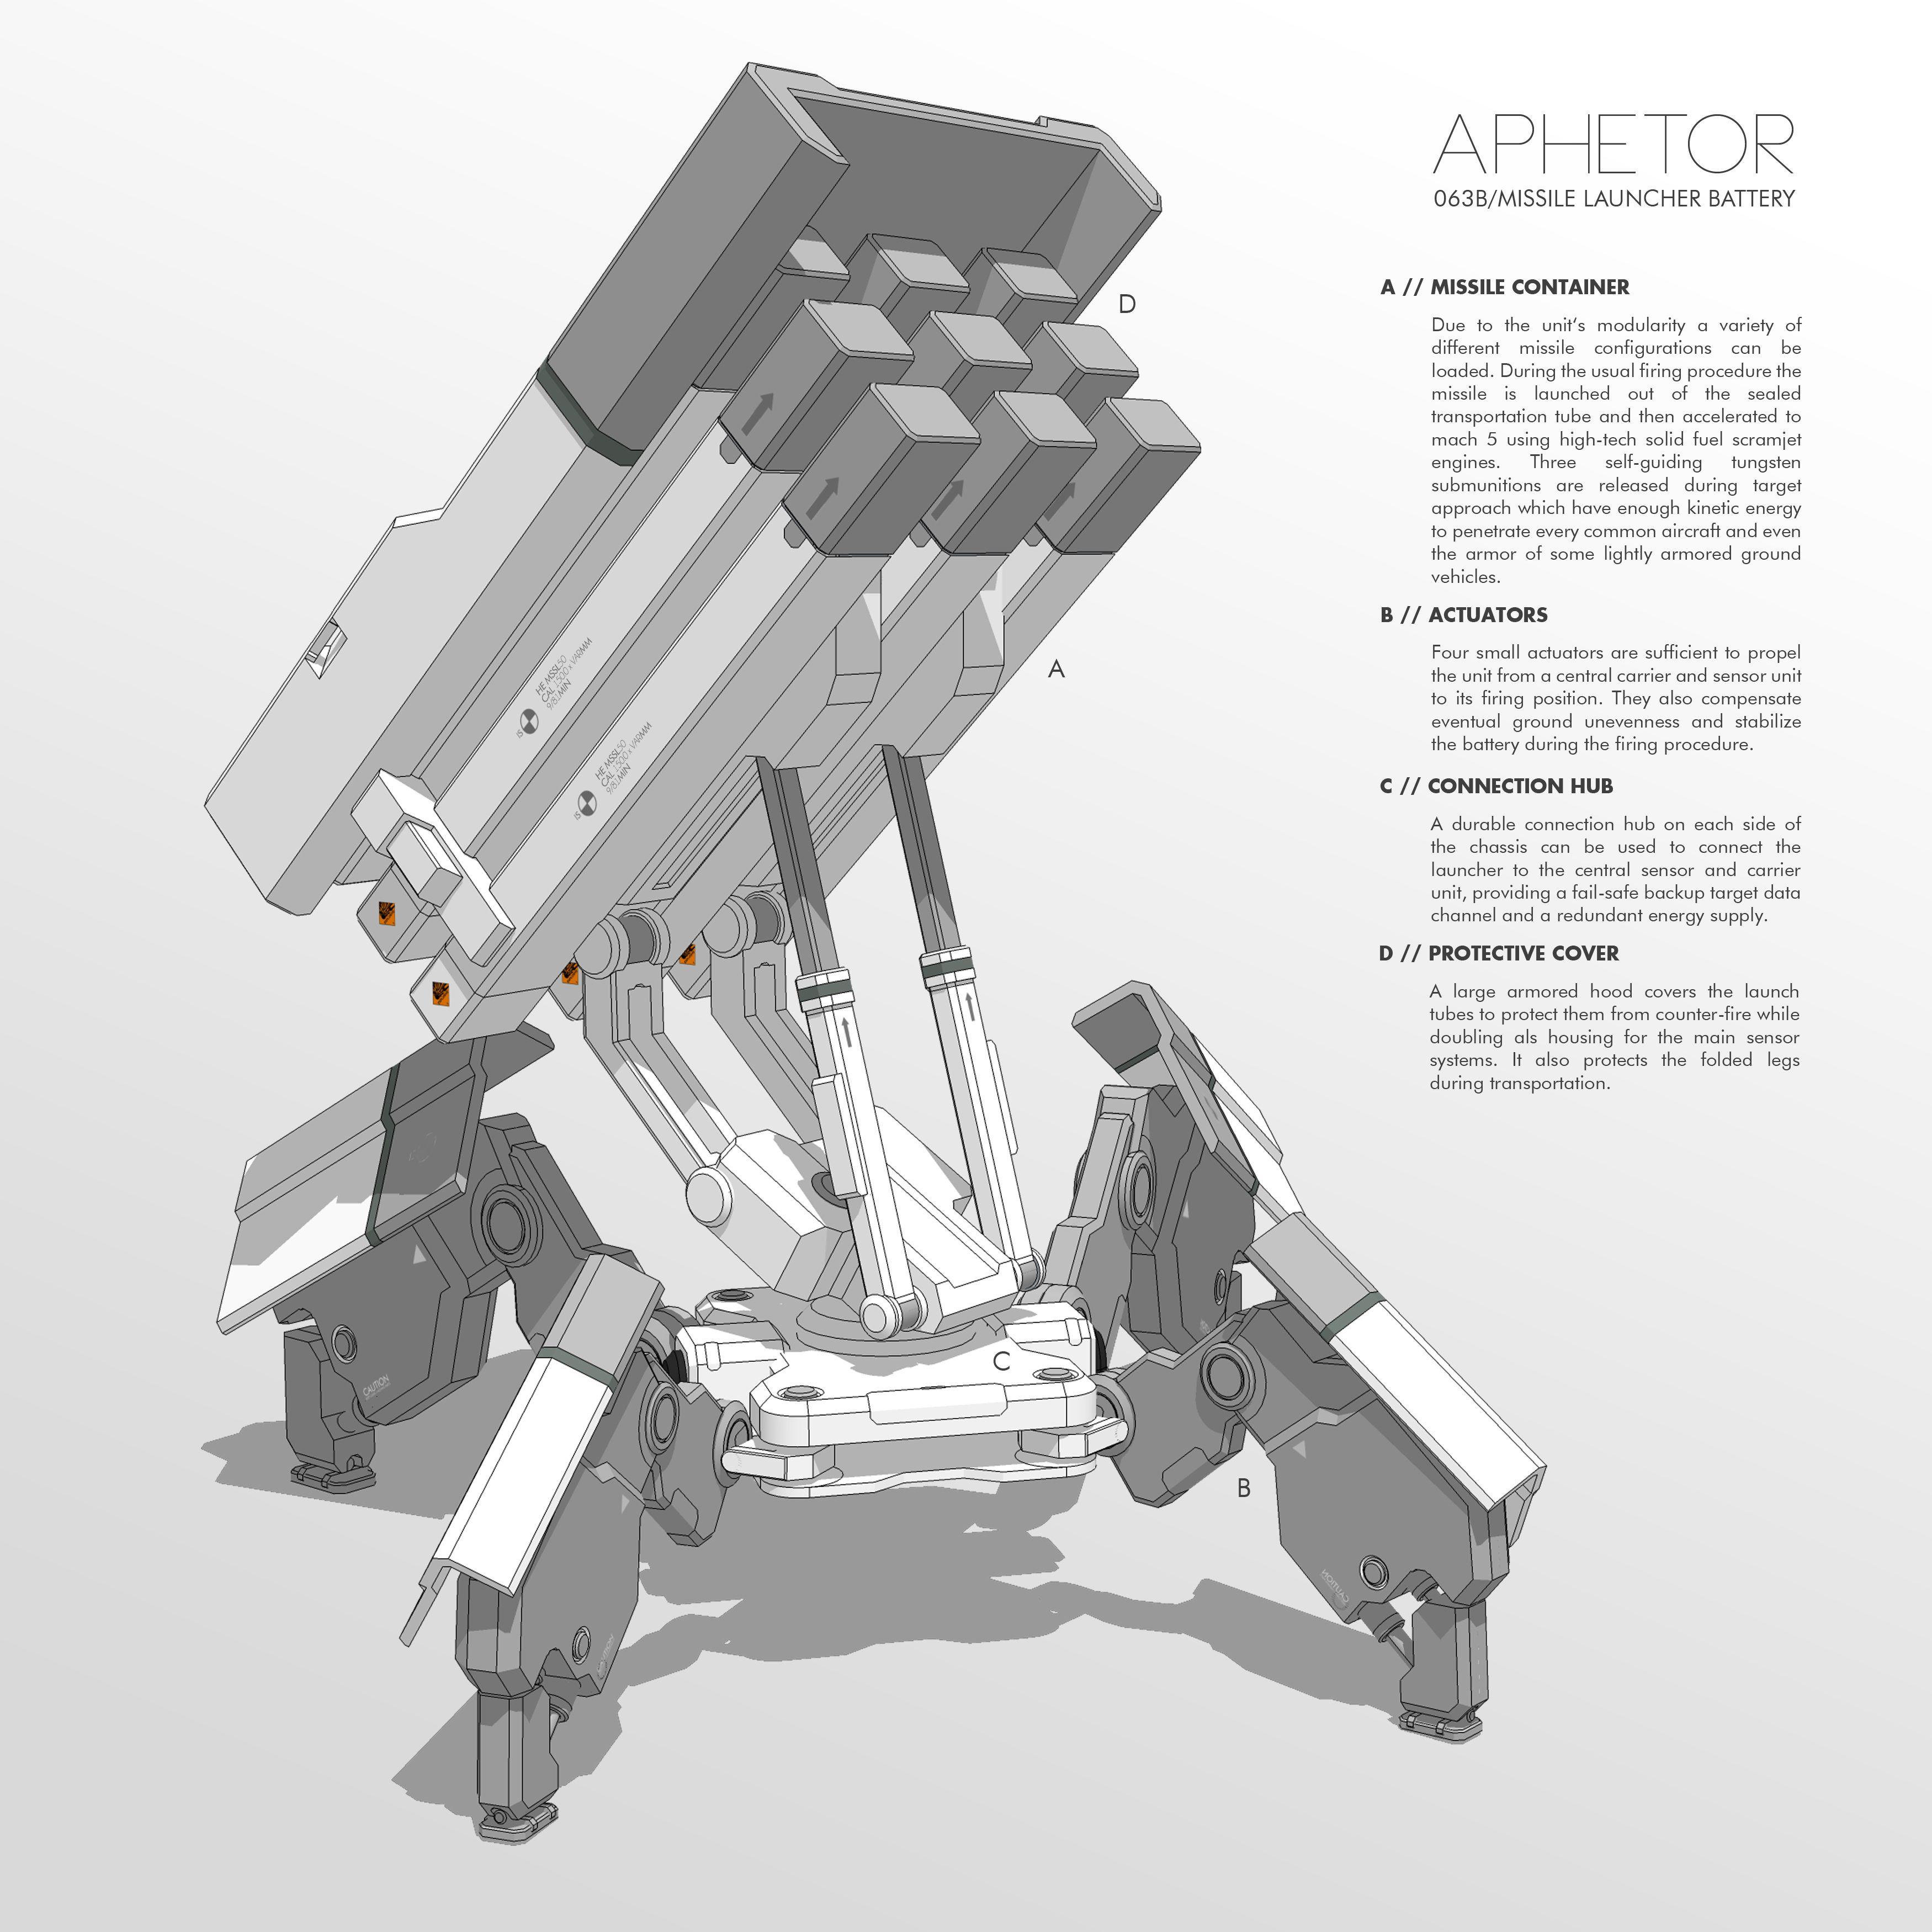 APHETOR Missile Launcher Battery by M-Vitzh.deviantart.com on @deviantART